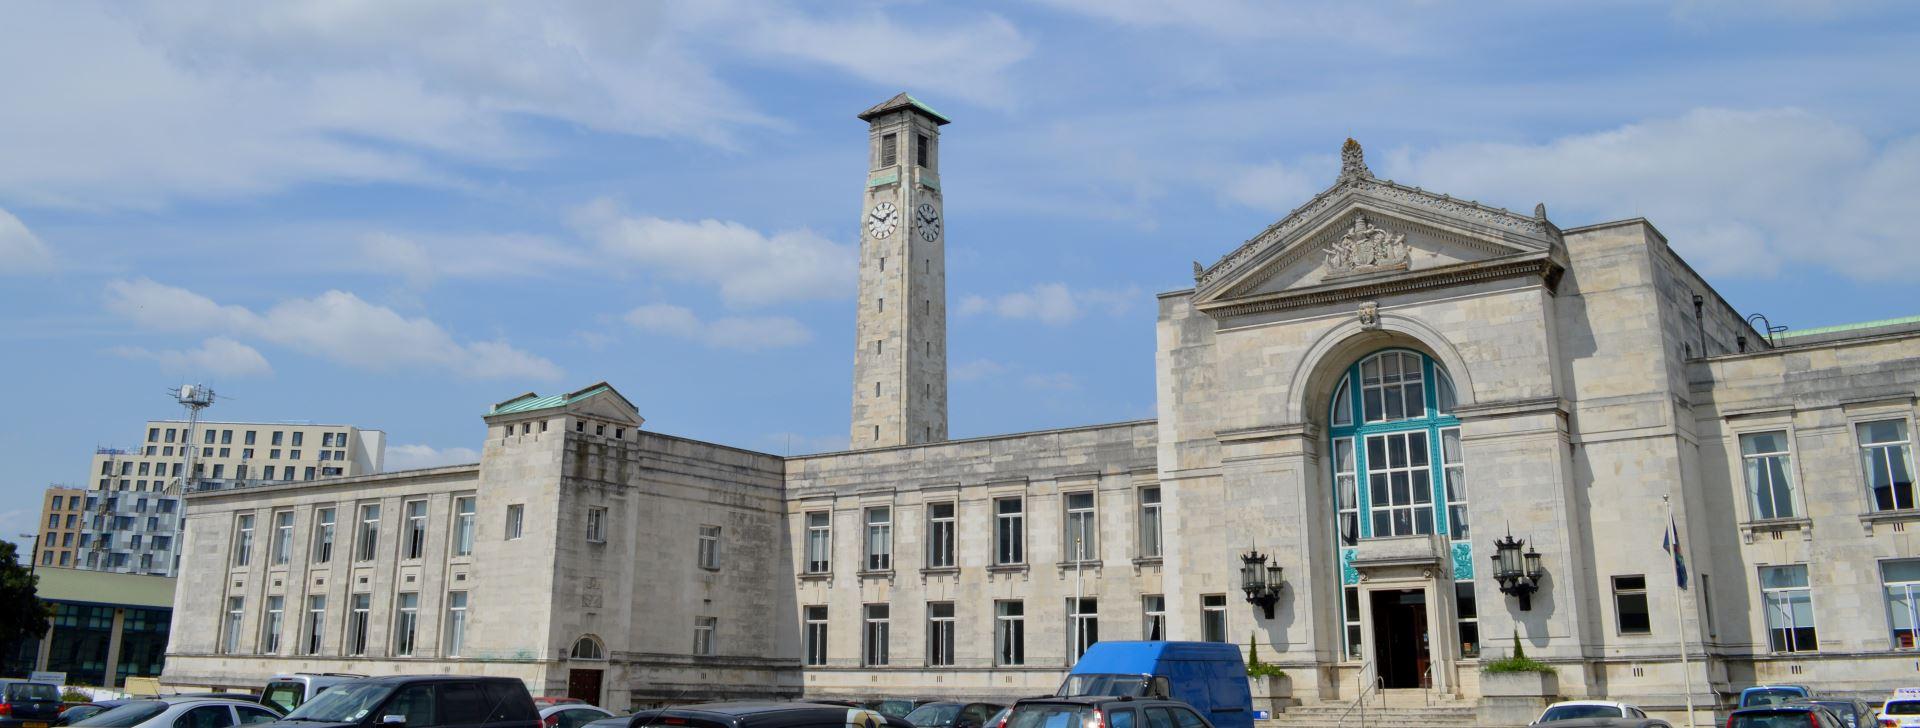 Mortgage Broker Southampton Civic Hall